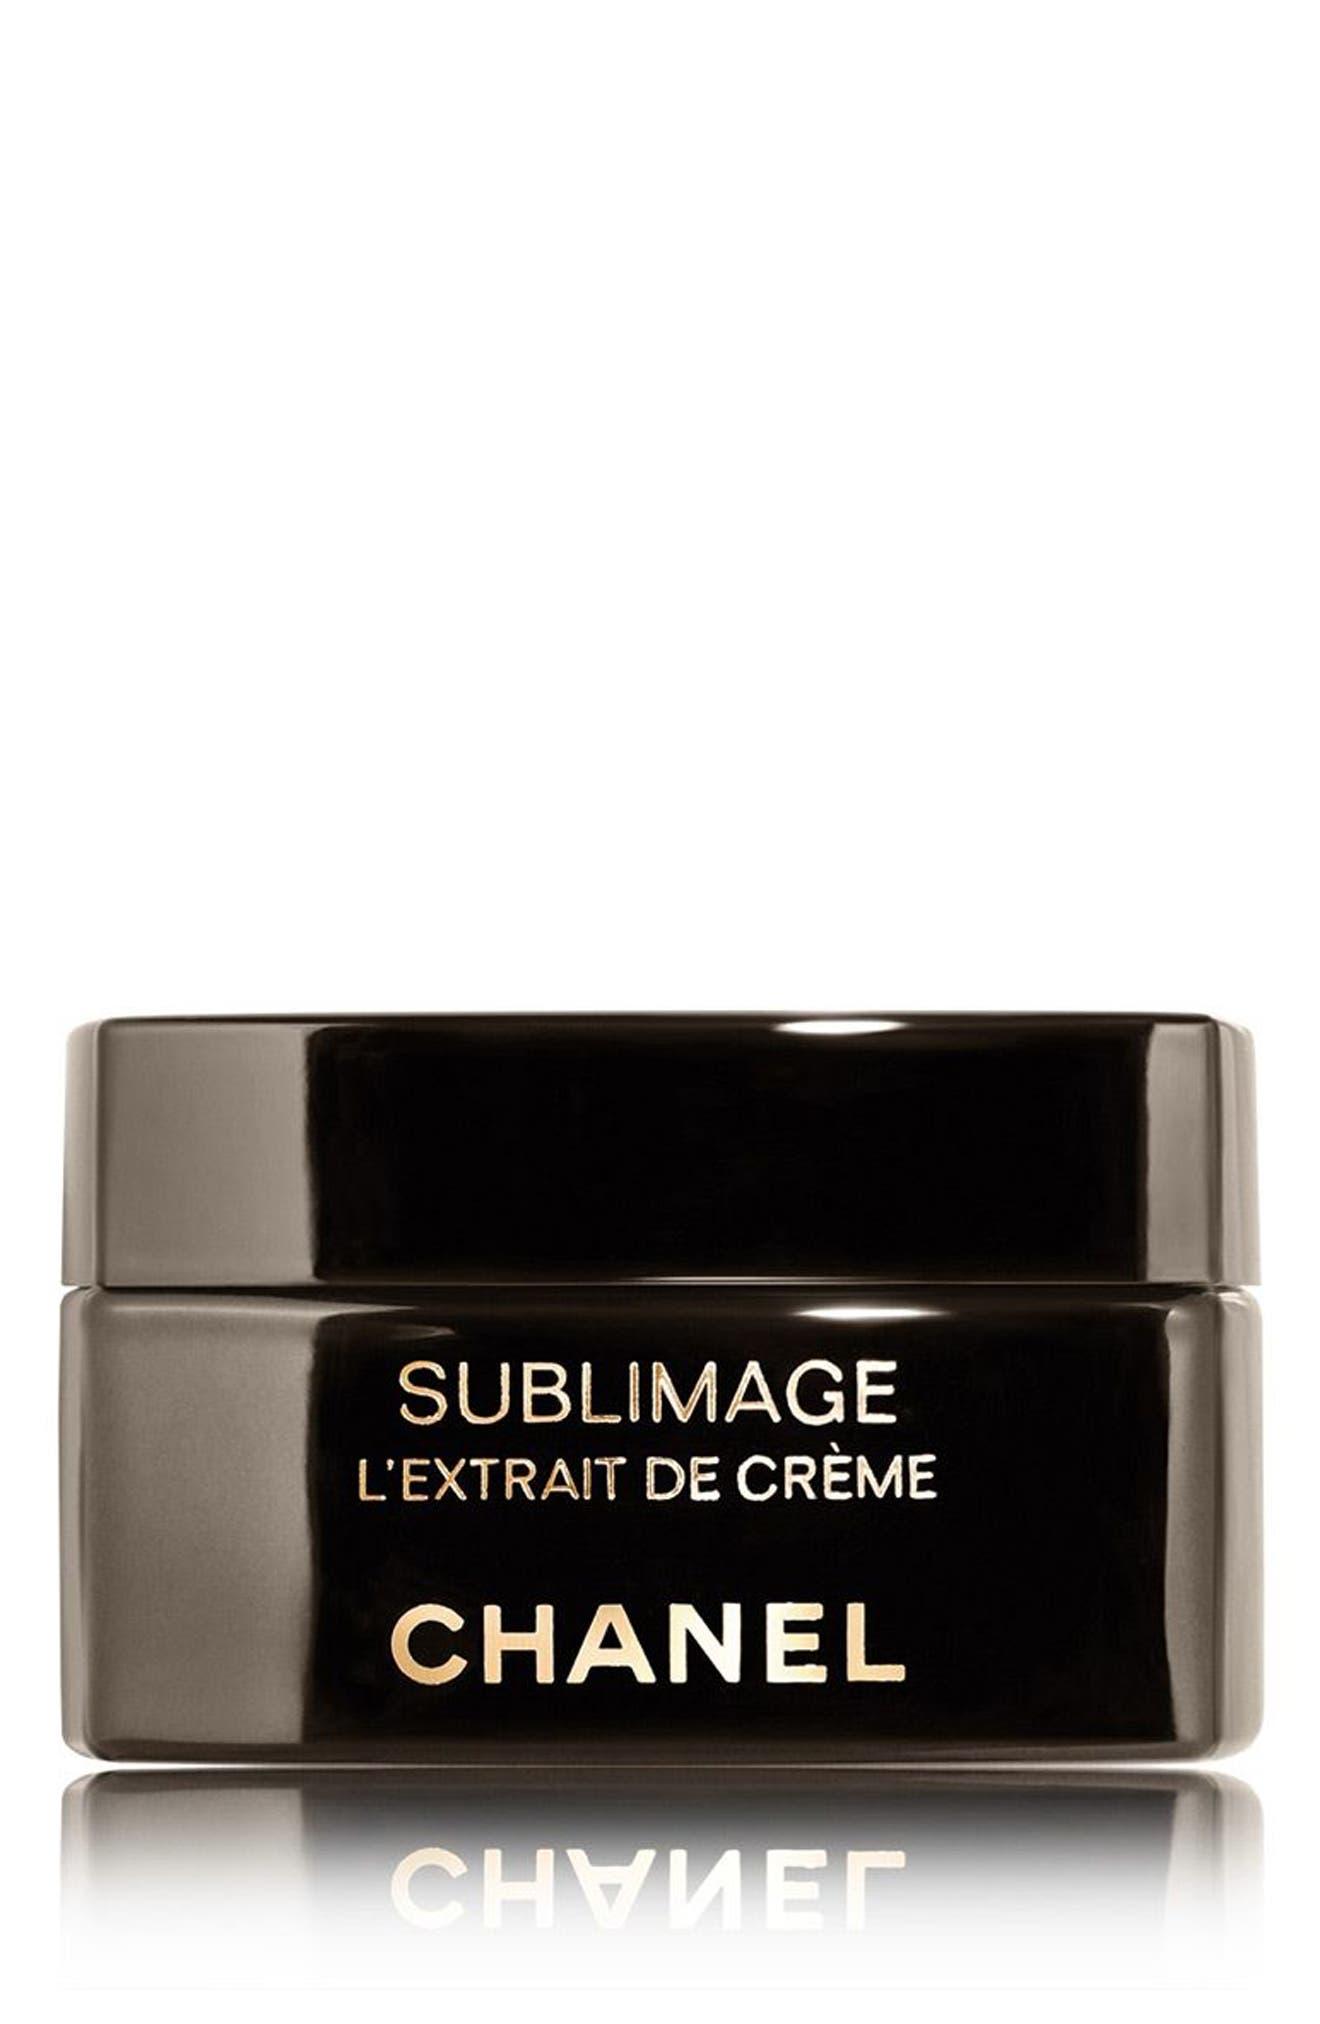 CHANEL SUBLIMAGE L'EXTRAIT DE CRÈME  Ultimate Regeneration and Restoring Cream